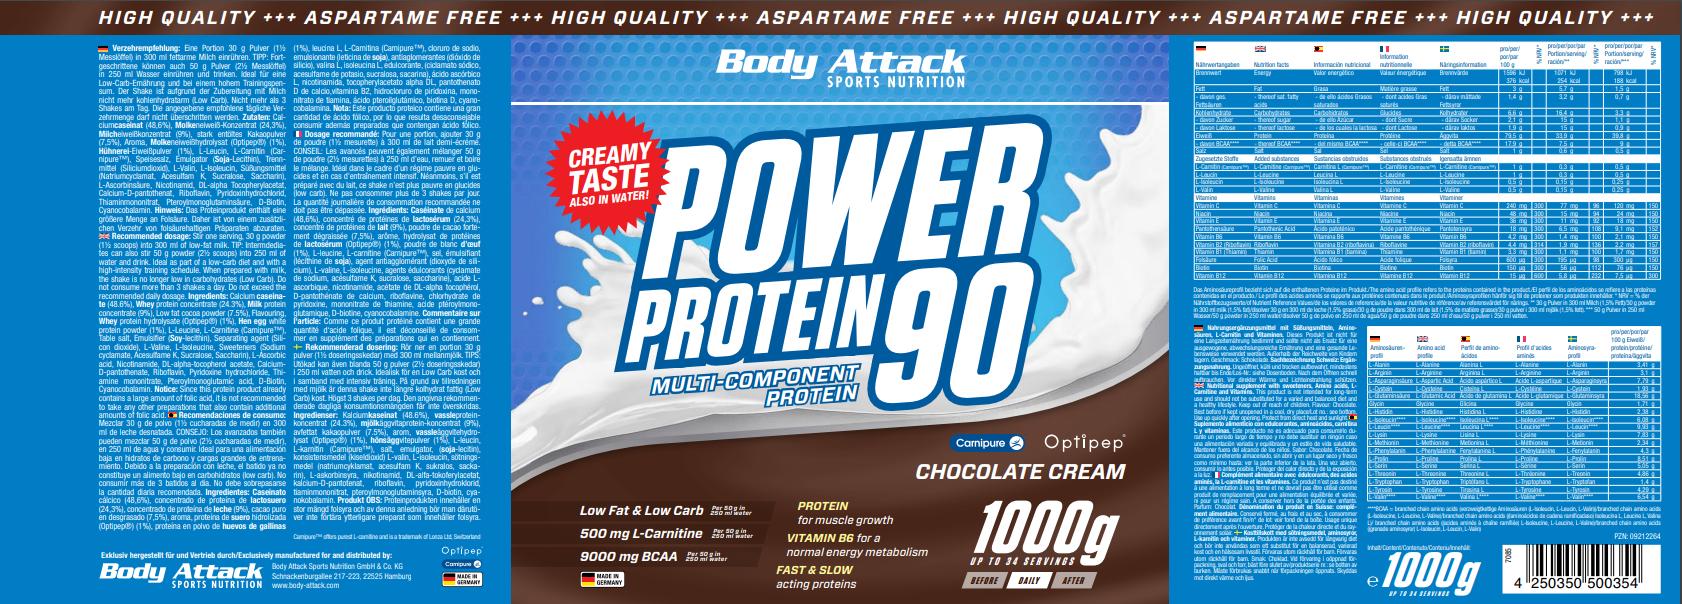 Power Proti 90 Chocolate